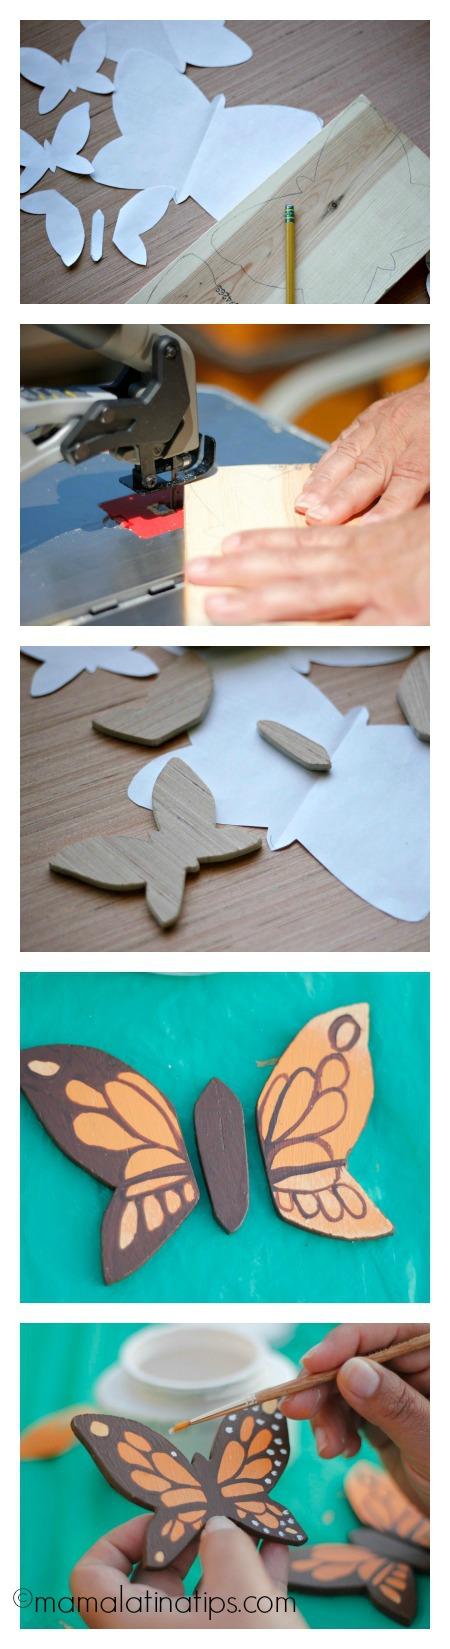 How to make wooden butterflies - mamalatinatips.com